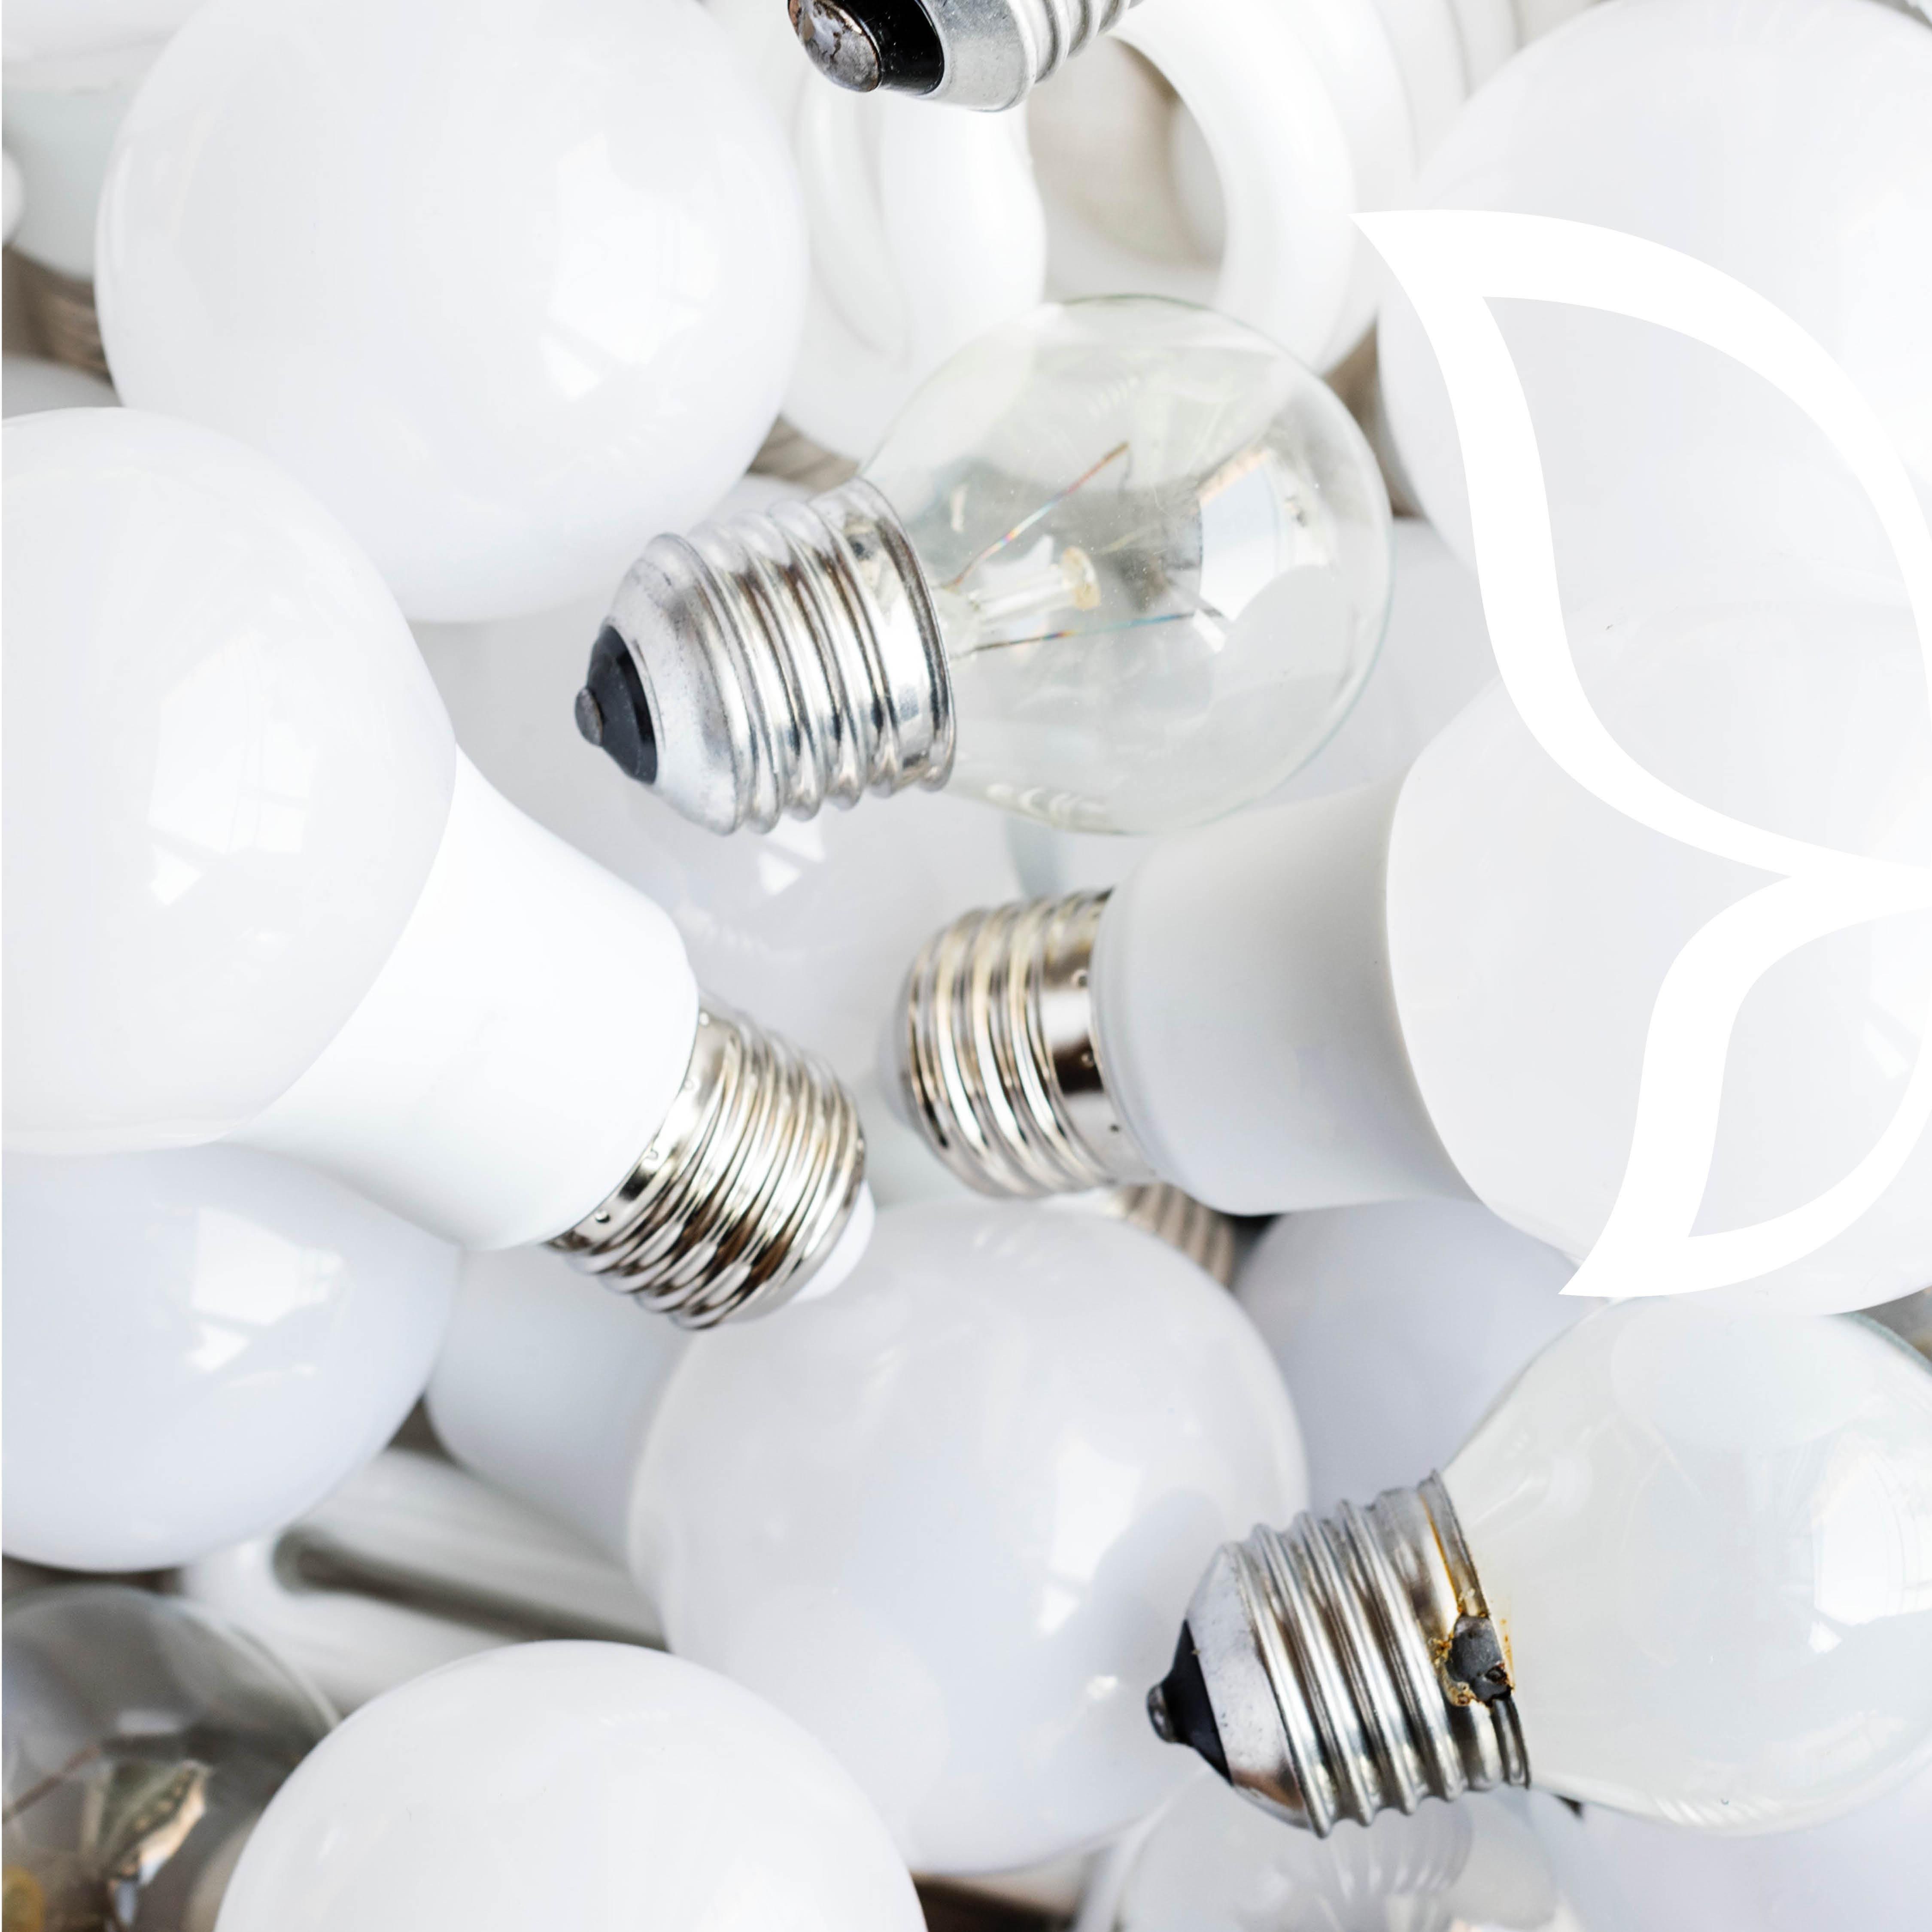 Les bones idees han de fer llum!